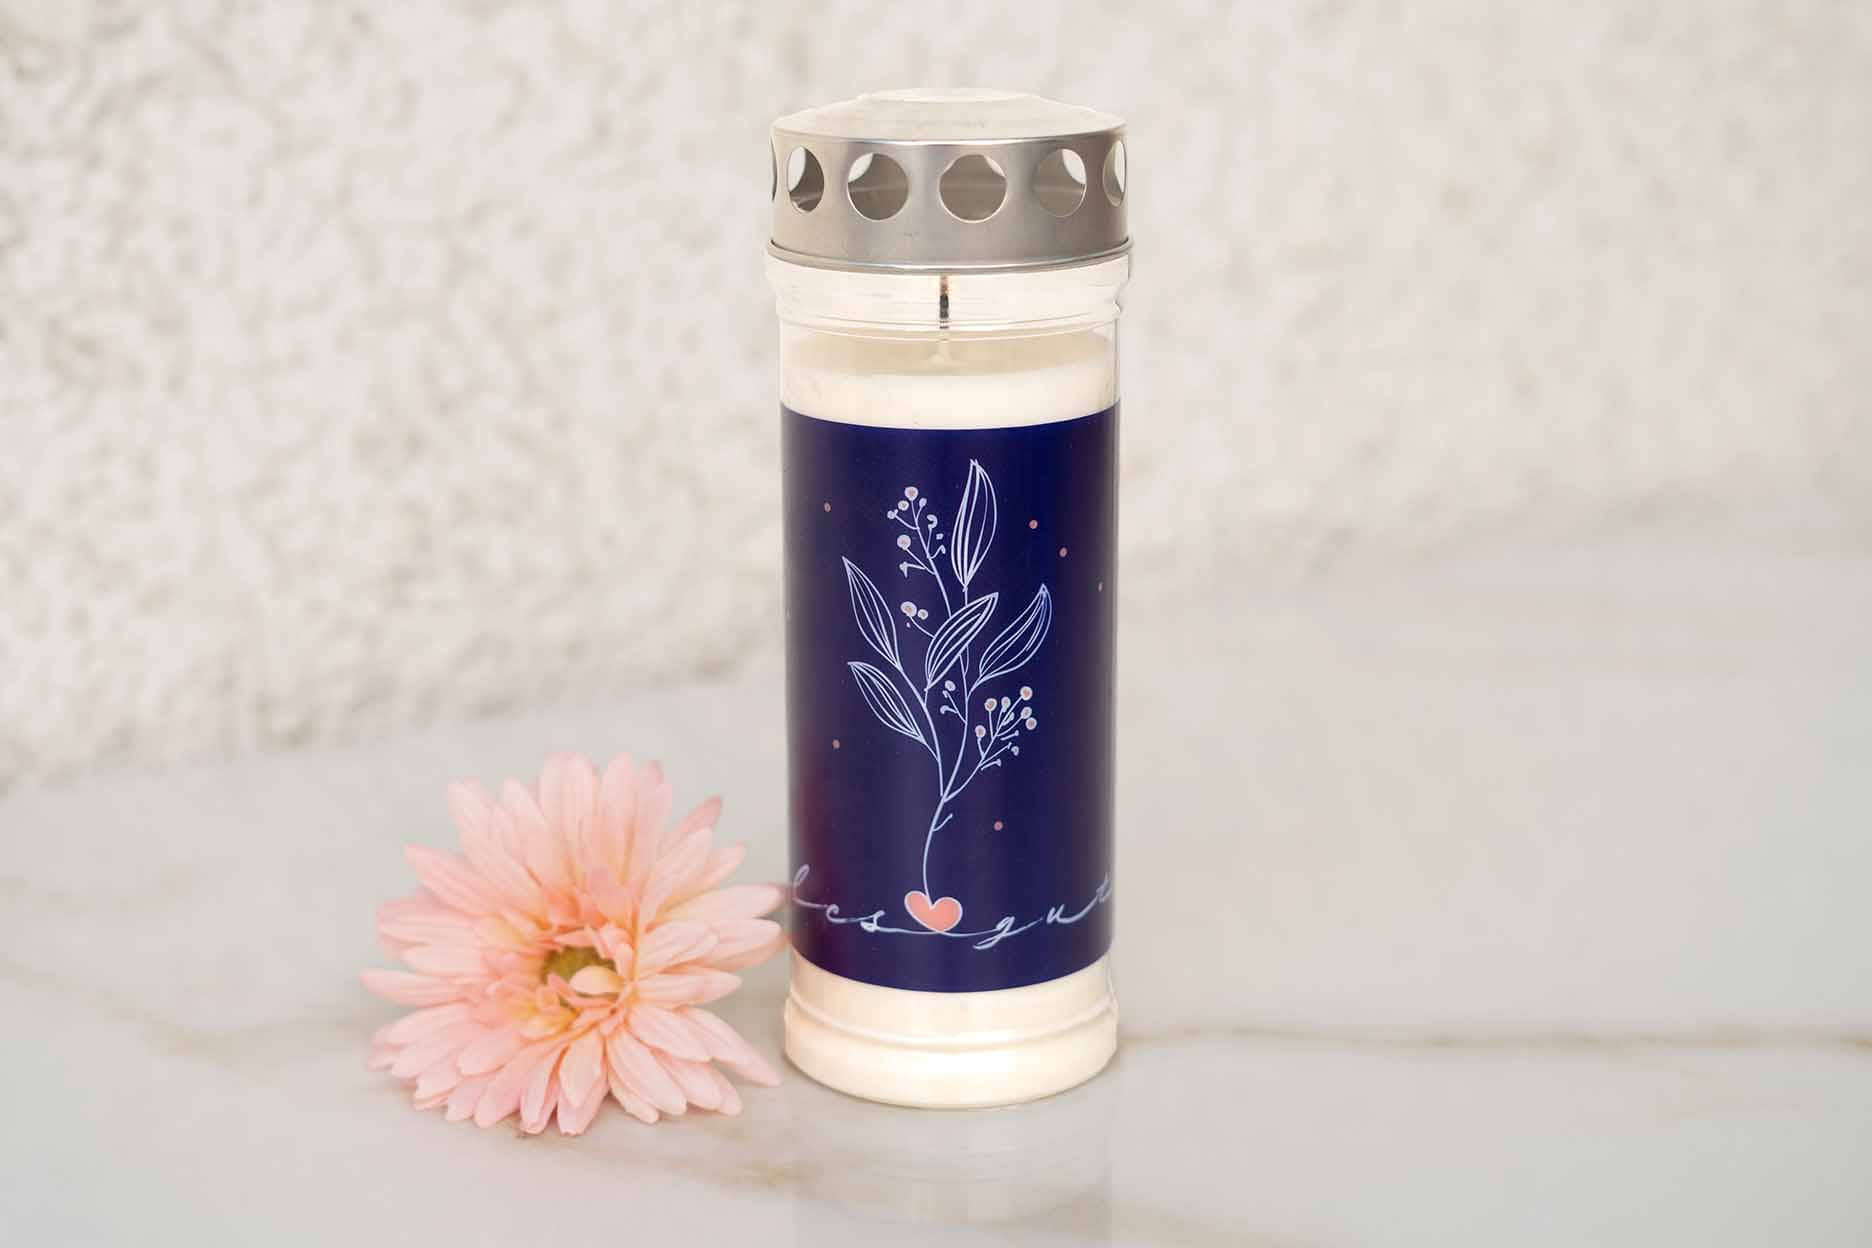 eine Grabkerze mit blauem Motiv und einer rosa Blume auf einer Marmorplatte